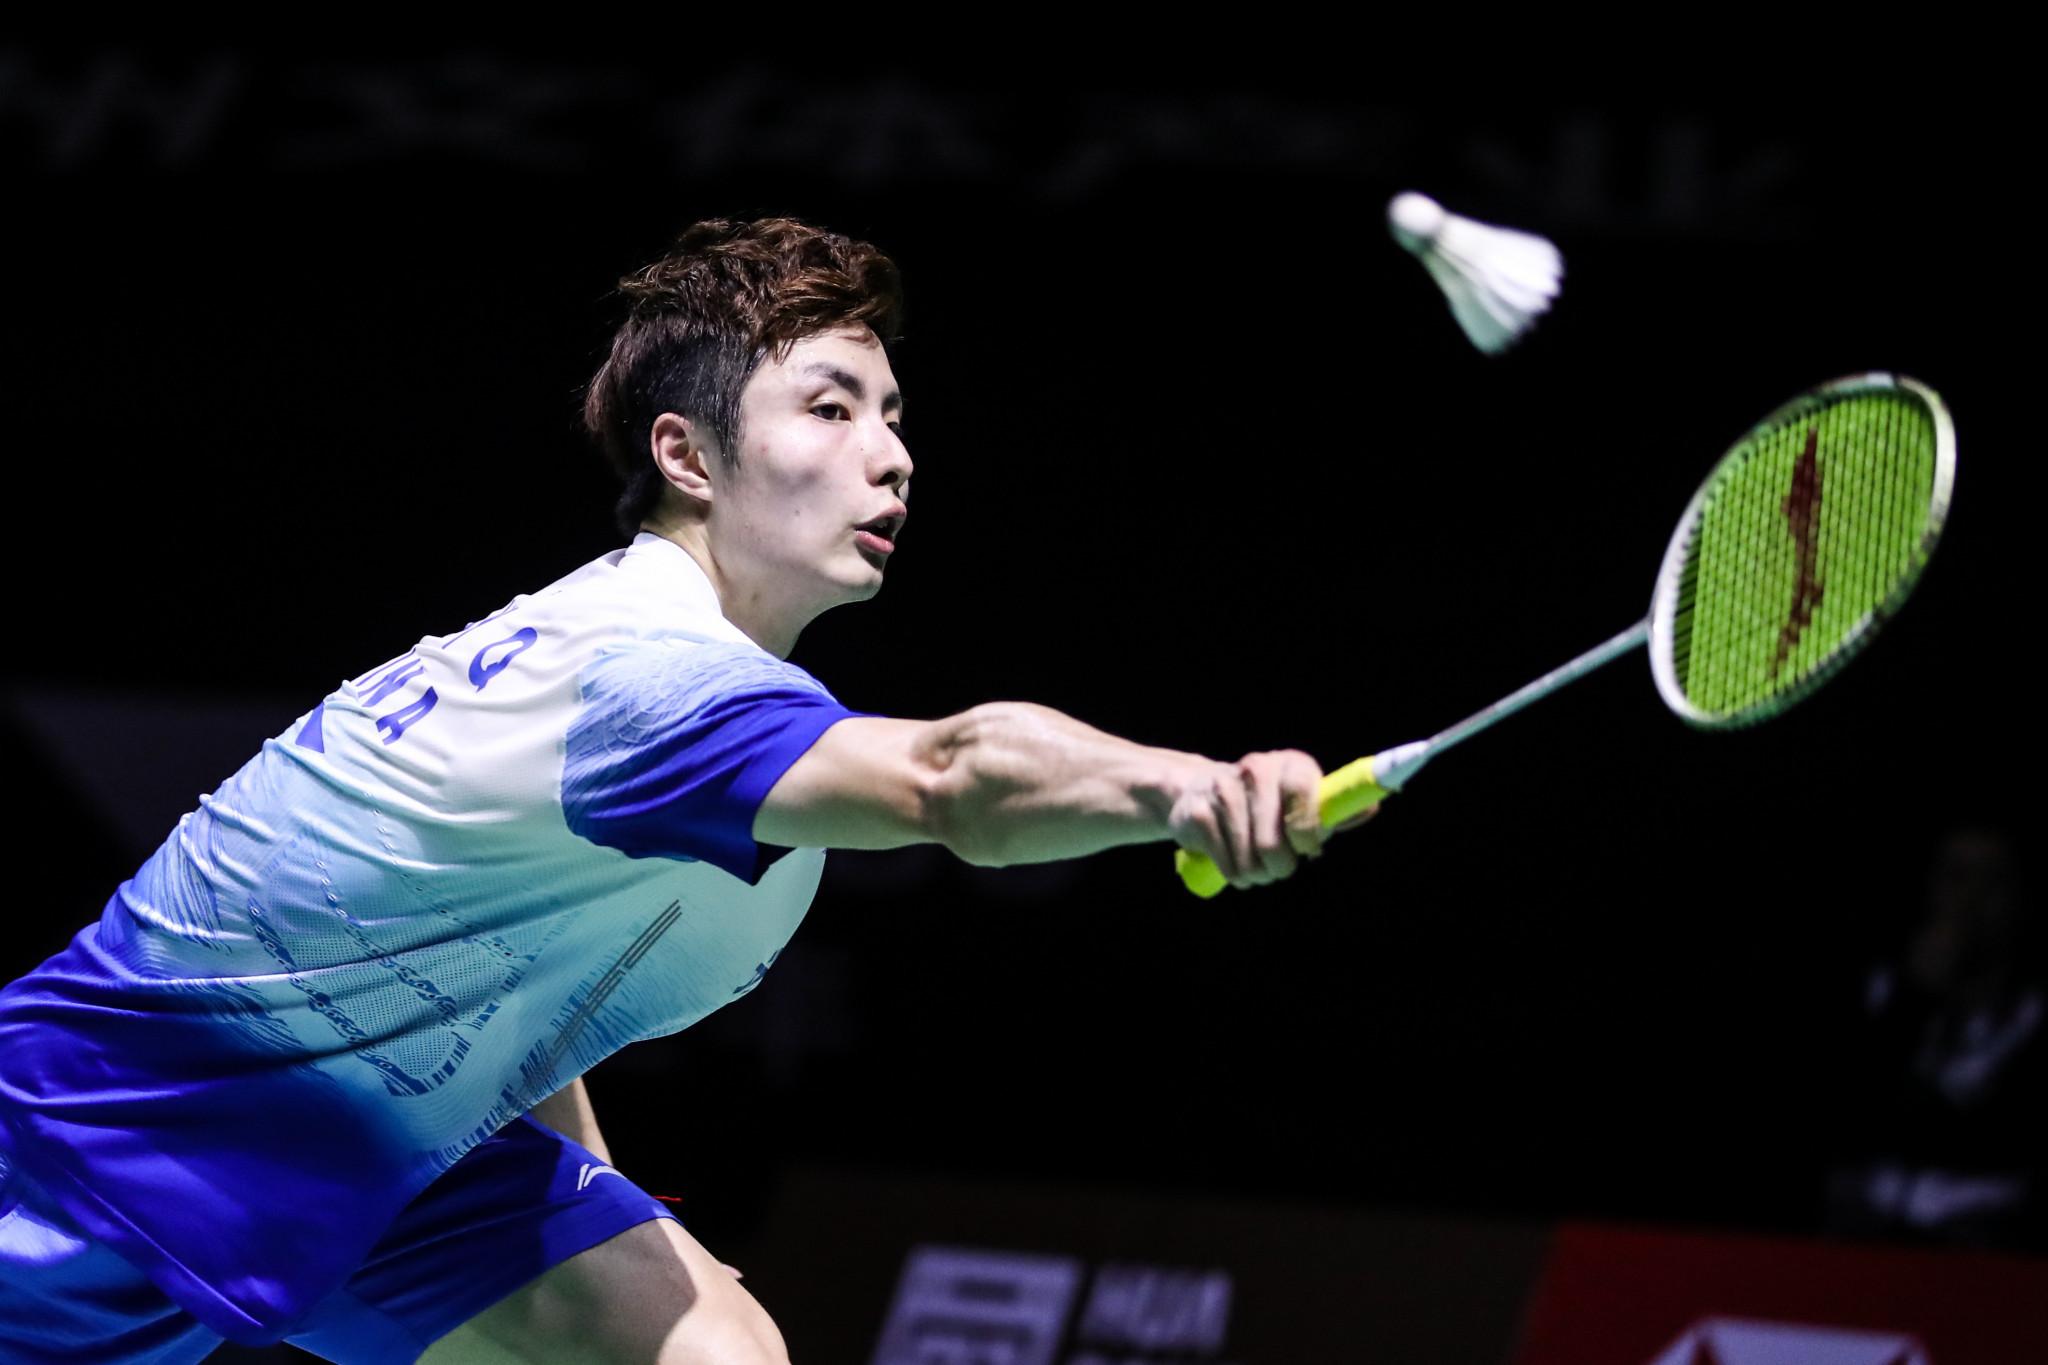 Shi seeks fifth BWF World Tour title at Syed Modi International Championships